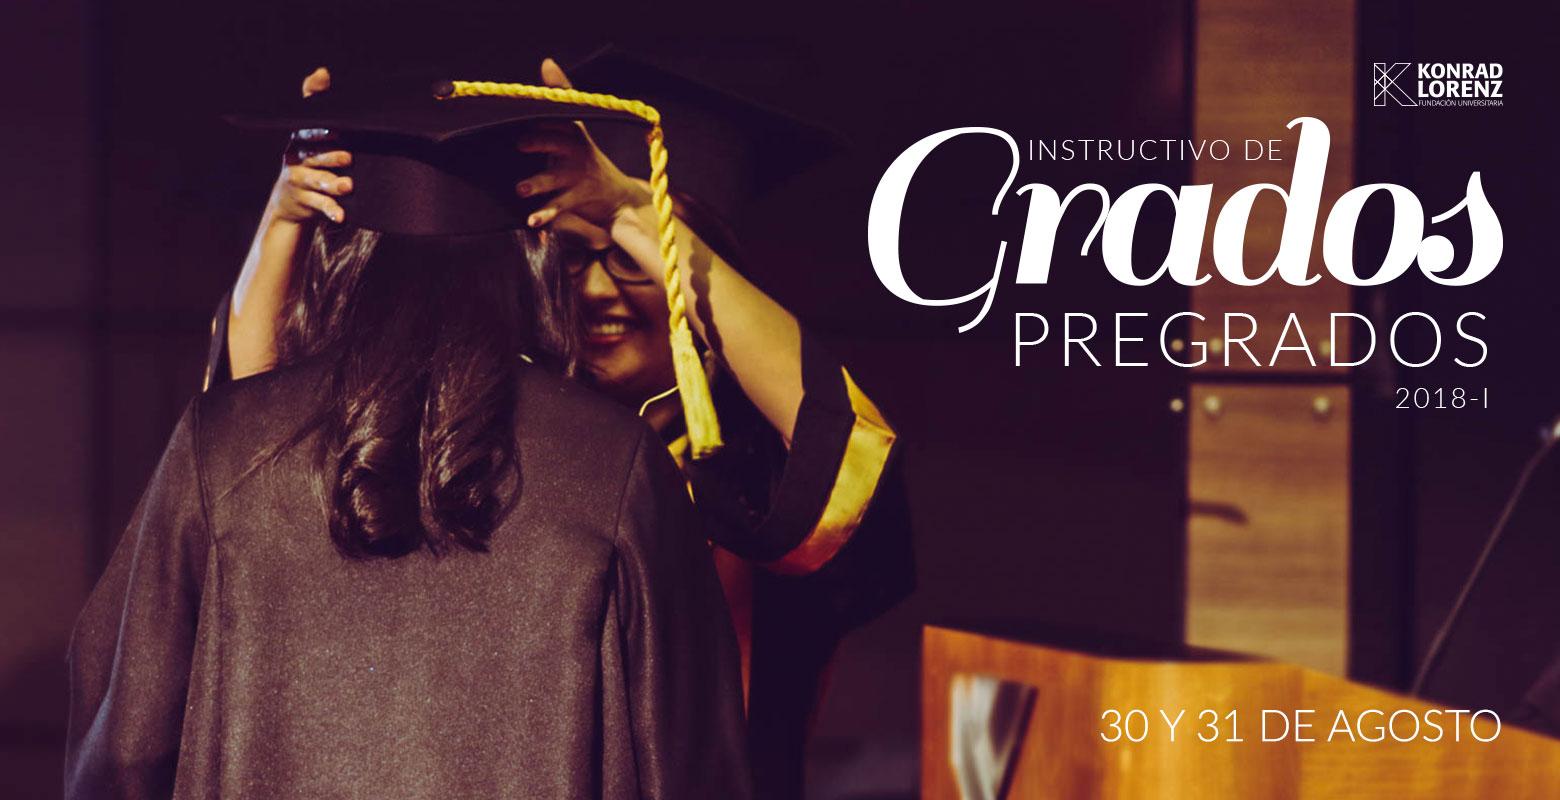 Instructivo de Grados 2018-1 Pregrados